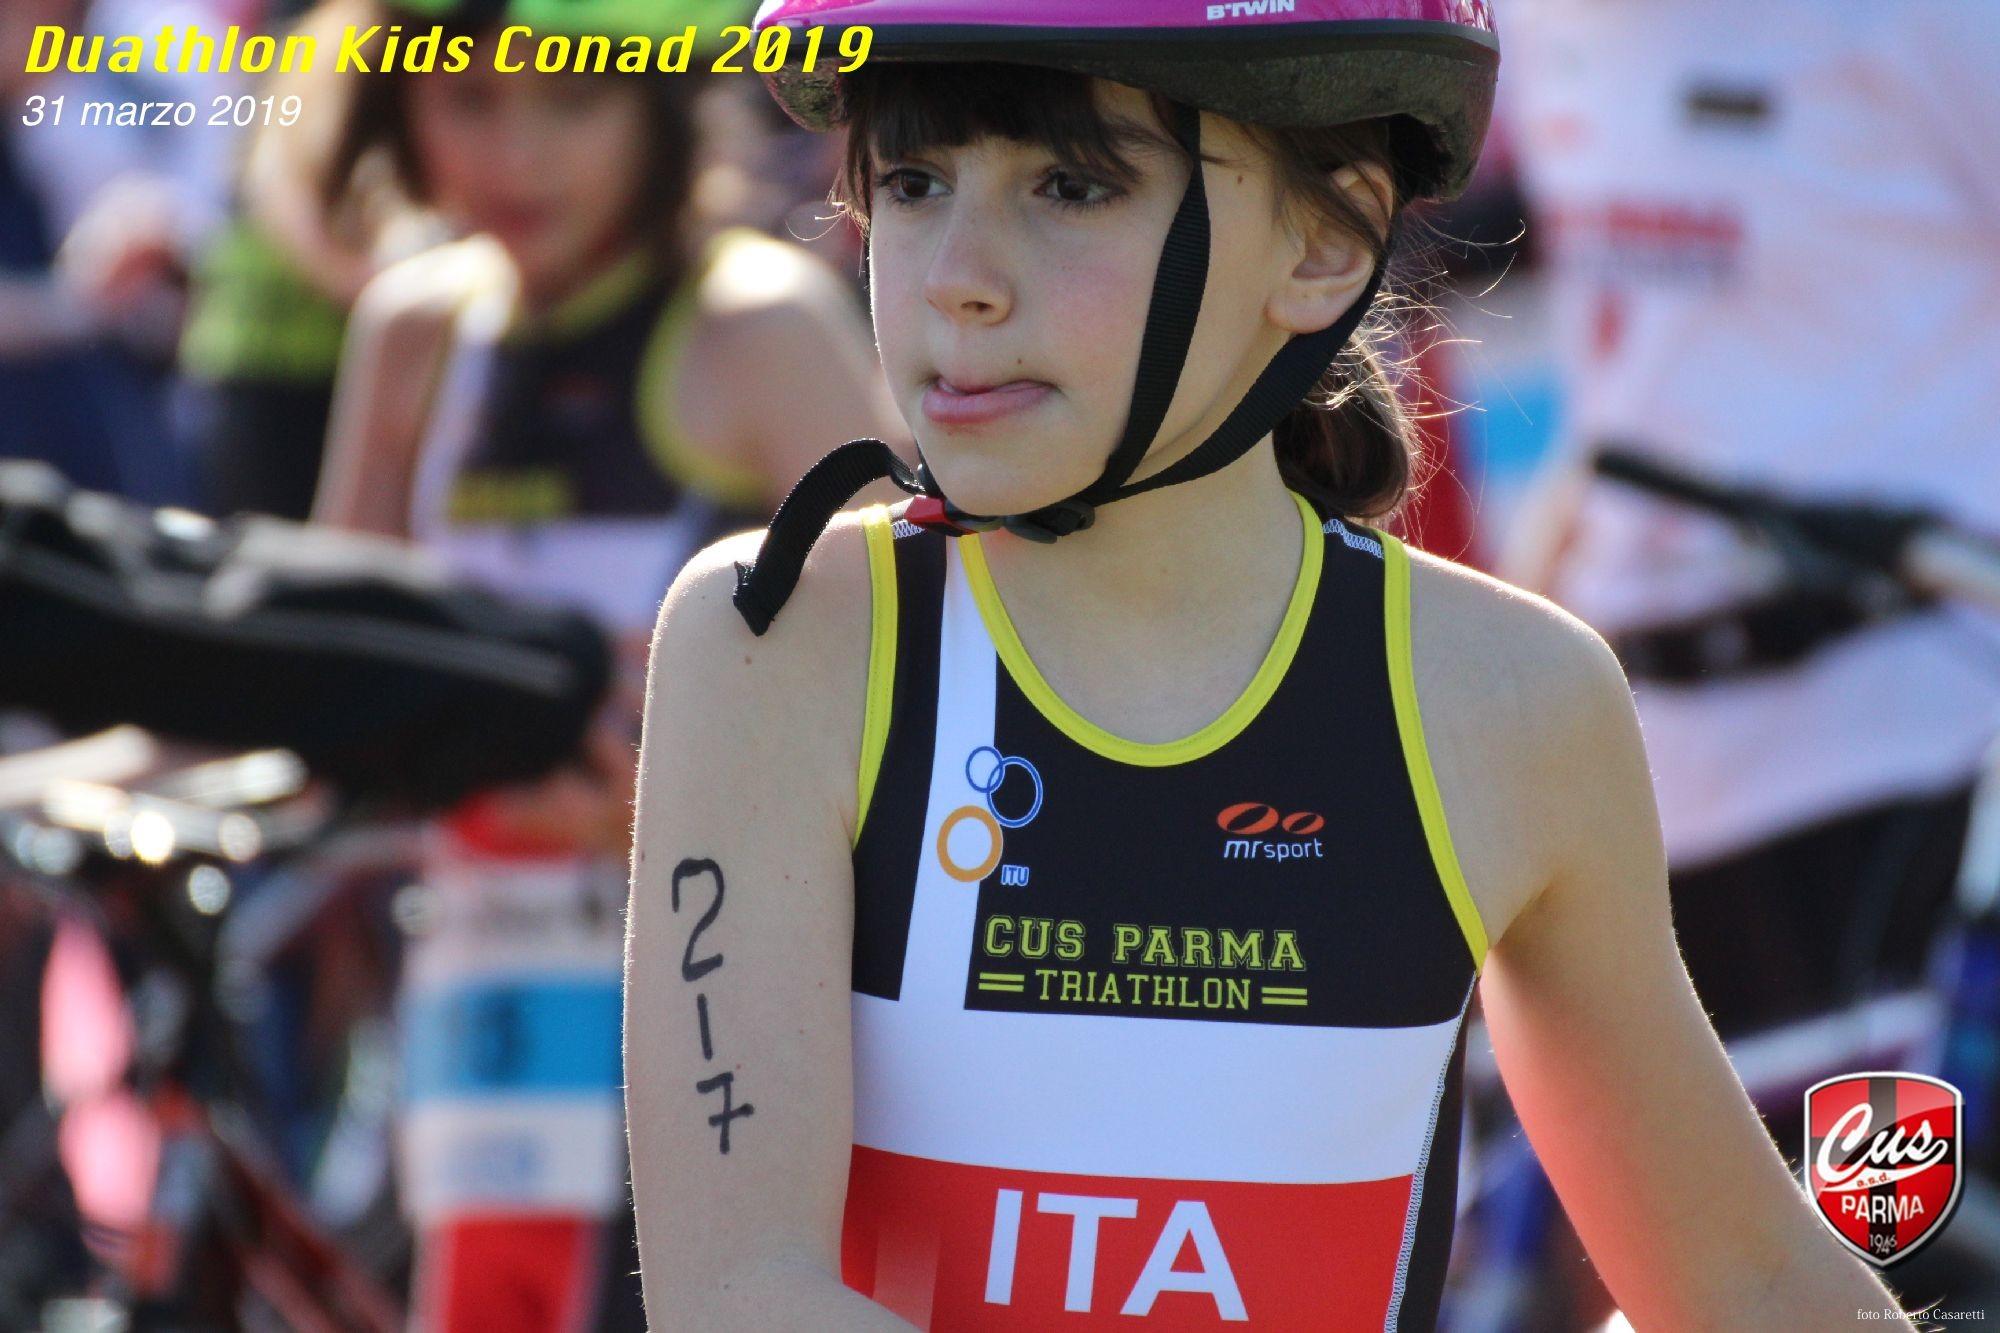 Calendario 2019 Triatlon Mejores Y Más Novedosos Triathlon – Cus Parma A S D Of Calendario 2019 Triatlon Más Actual Triathlon – Cus Parma A S D